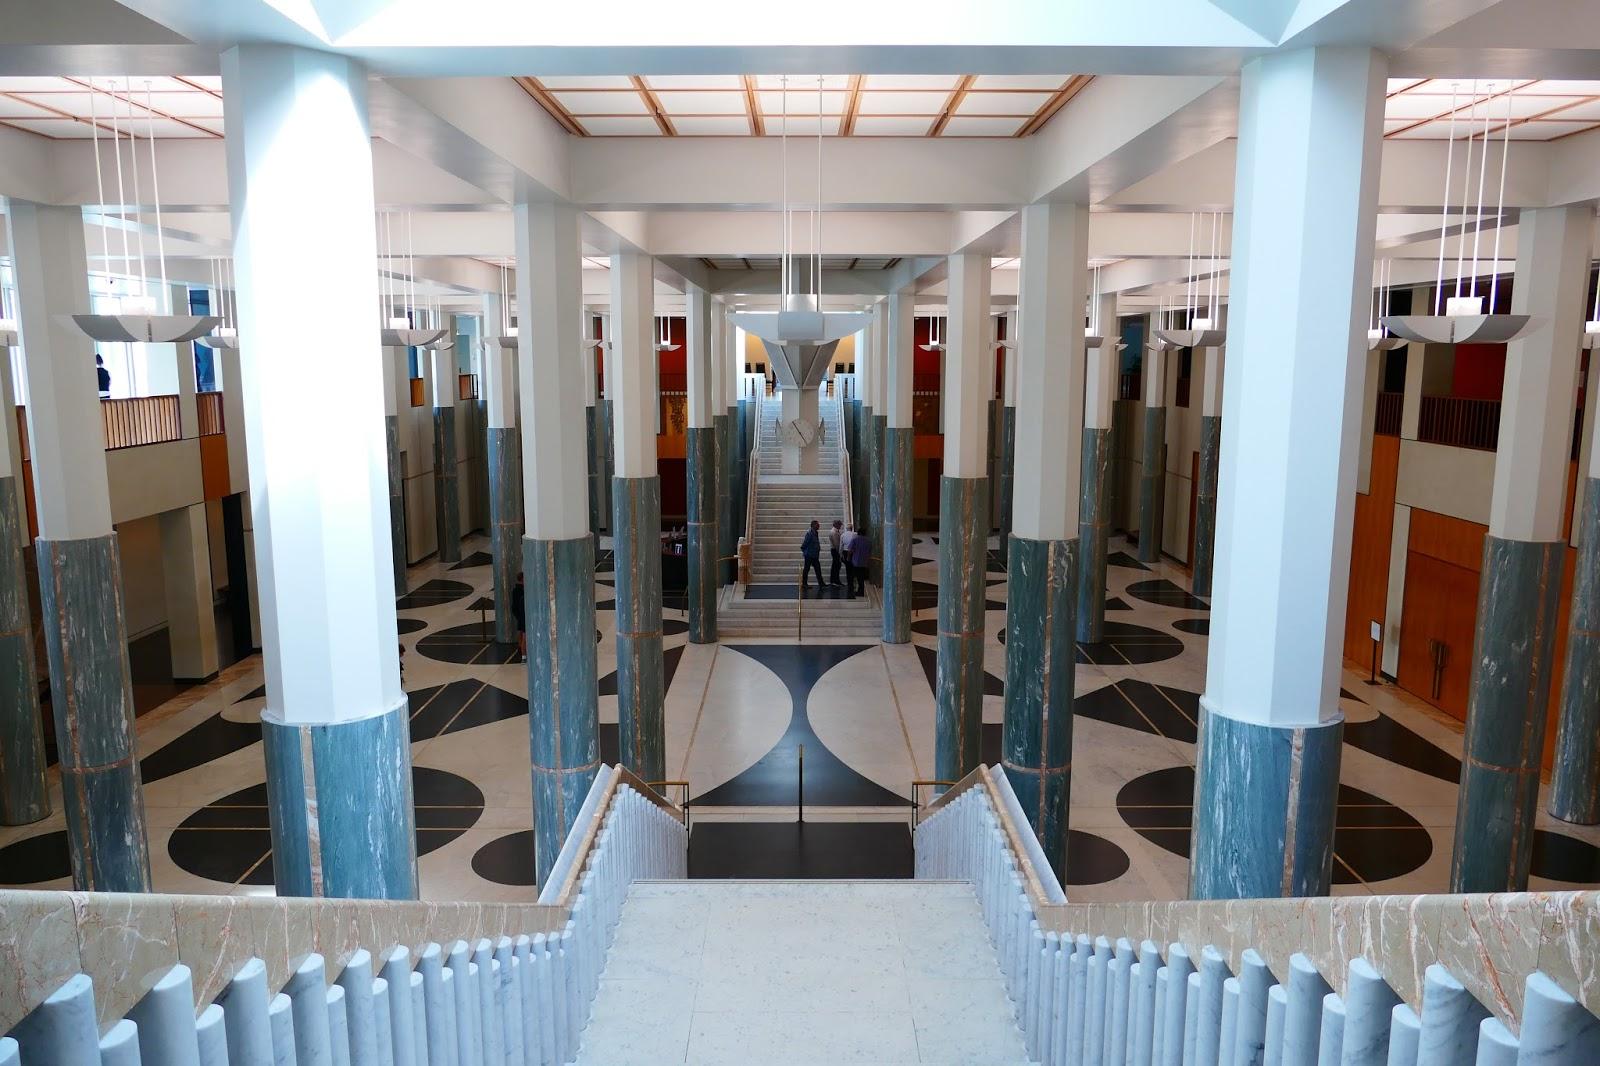 ....teilte Uns Der Guide Mit, Dass Der Weiße Mamor, Welcher Die Eingangshalle  Schmückt Aus Keiner Geringeren Norditalienischen Stadt Als Carrrrrrrrrara  ...